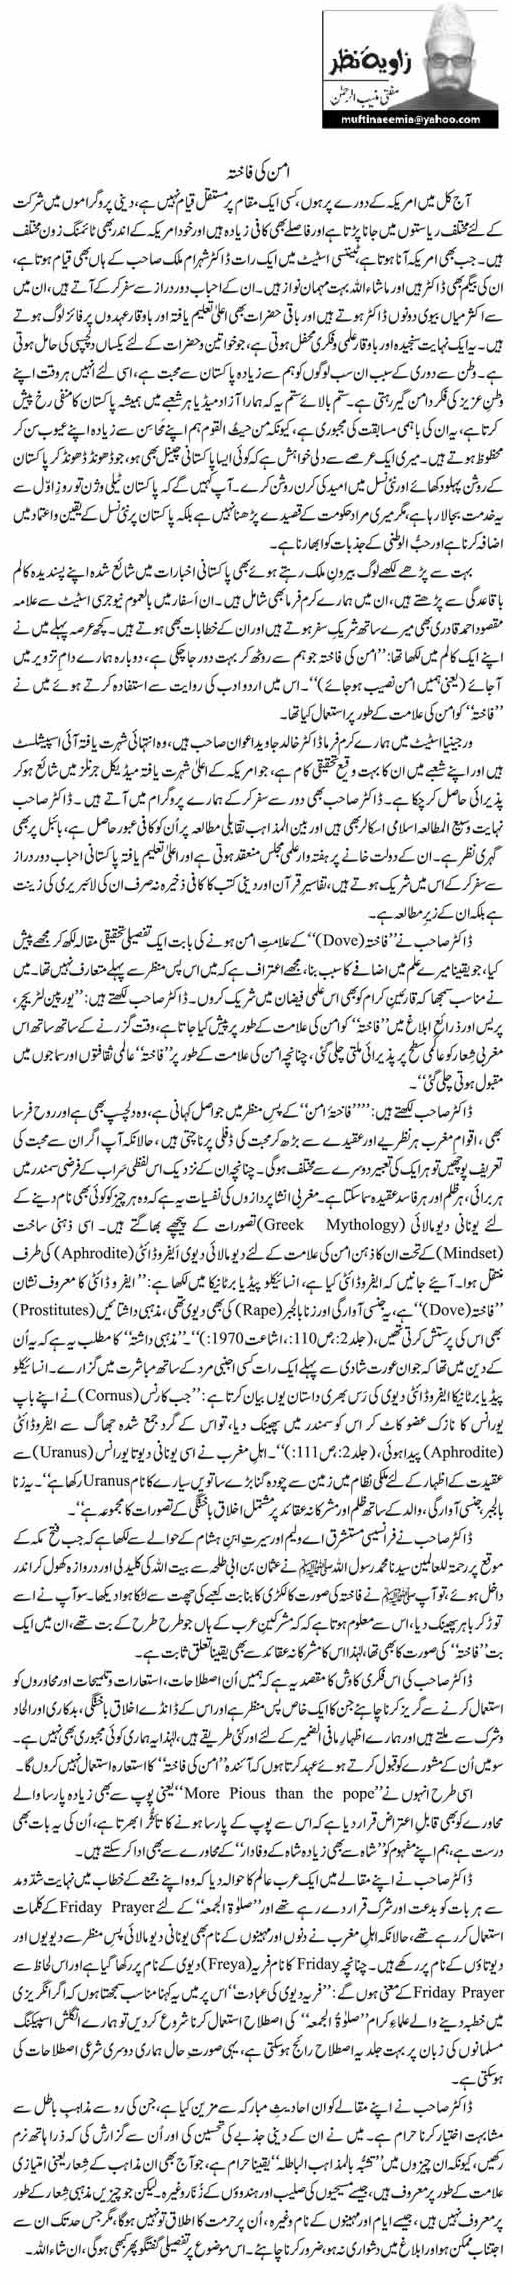 Aman Ki Fakhta - Munfti Muneeb ur Rehman - Pakfunny